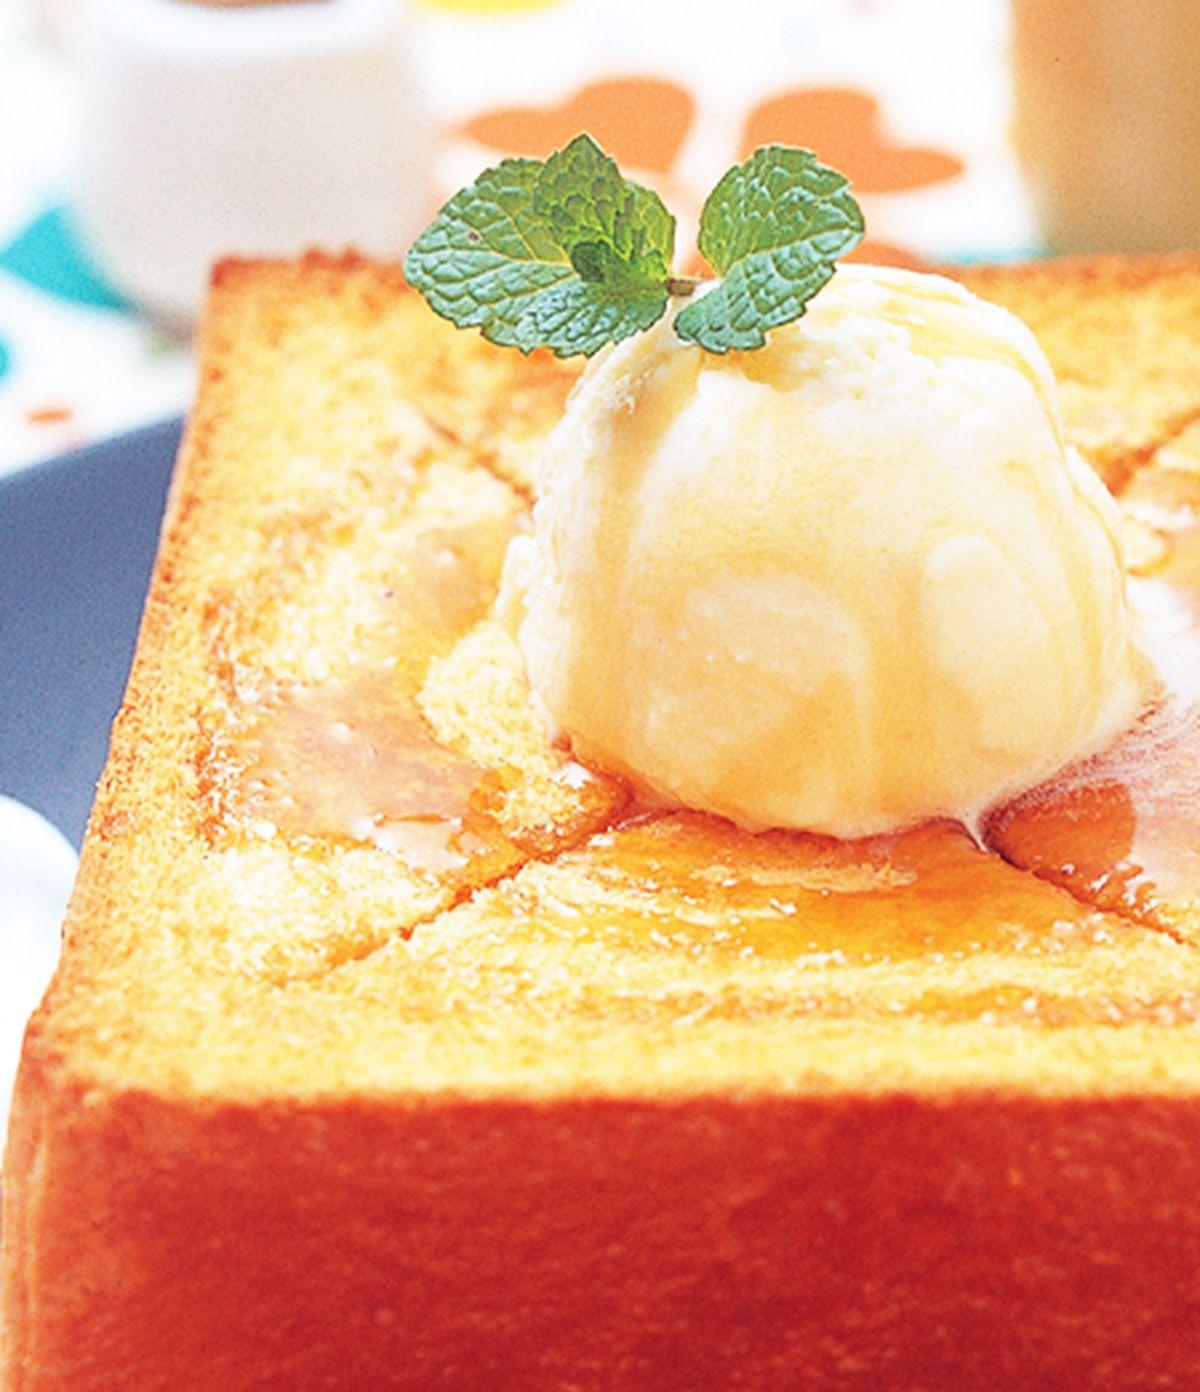 食譜:冰淇淋蜂蜜土司